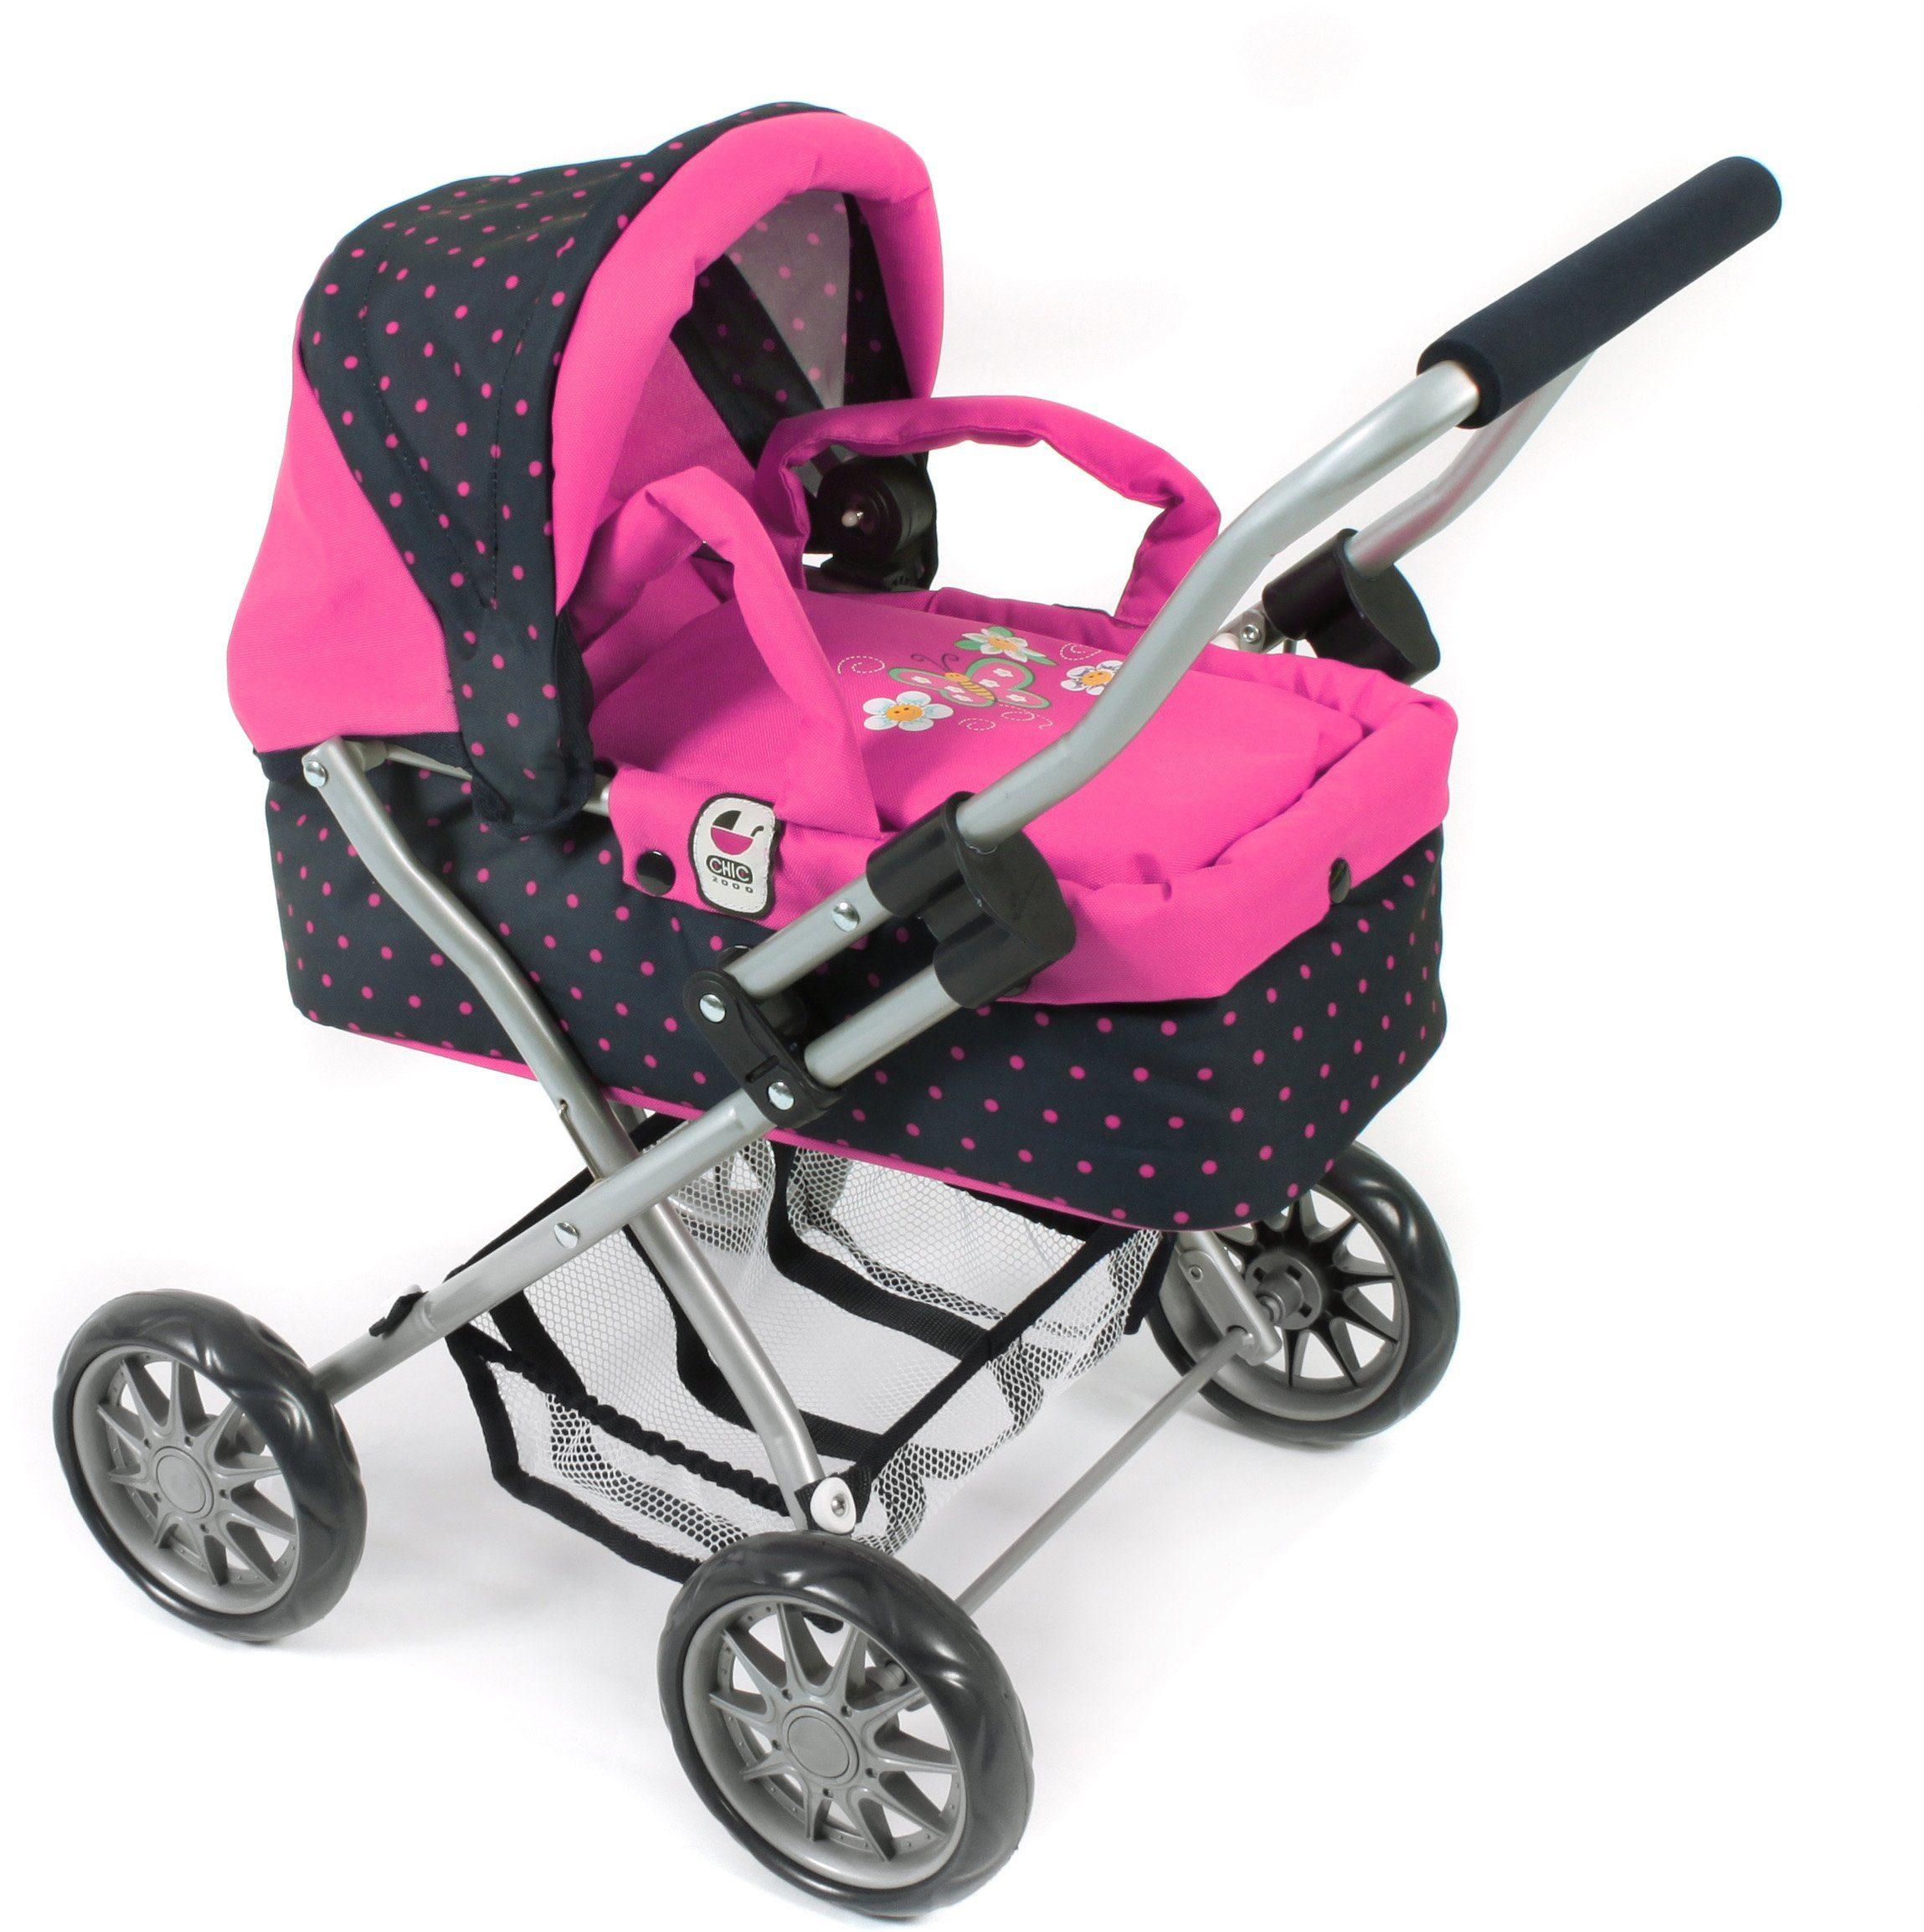 CHIC2000 Mini Puppenwagen mit herausnehmbarer Tragetasche, »Smarty navy-pink«